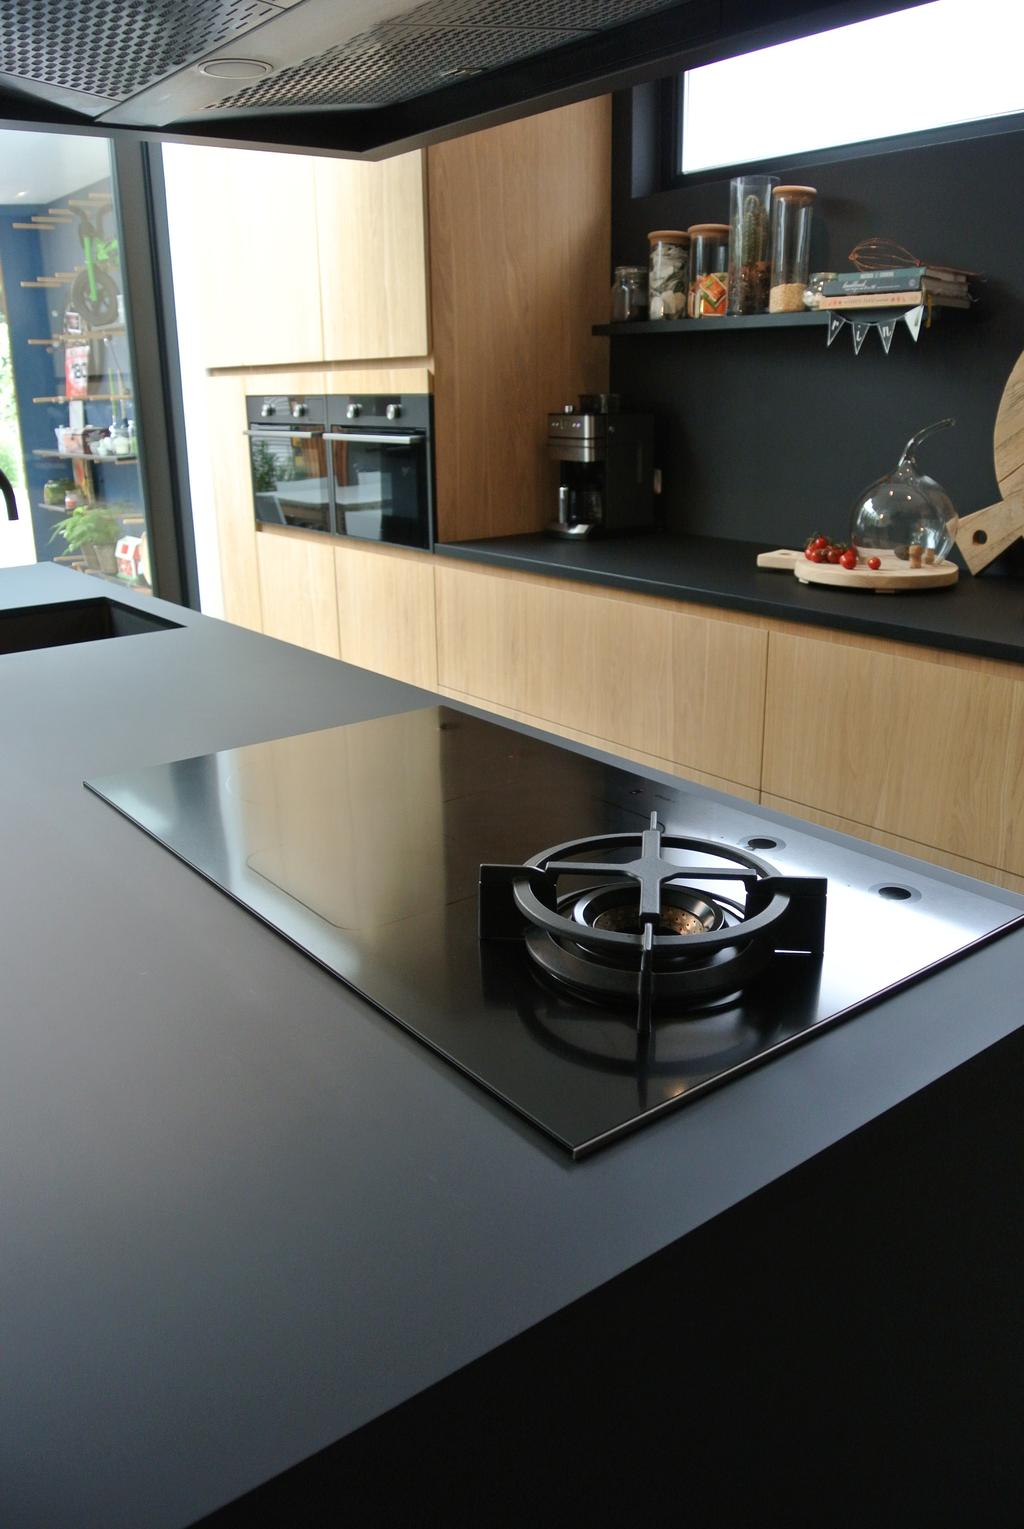 inductie-kookplaat-met-gas-wokbrander